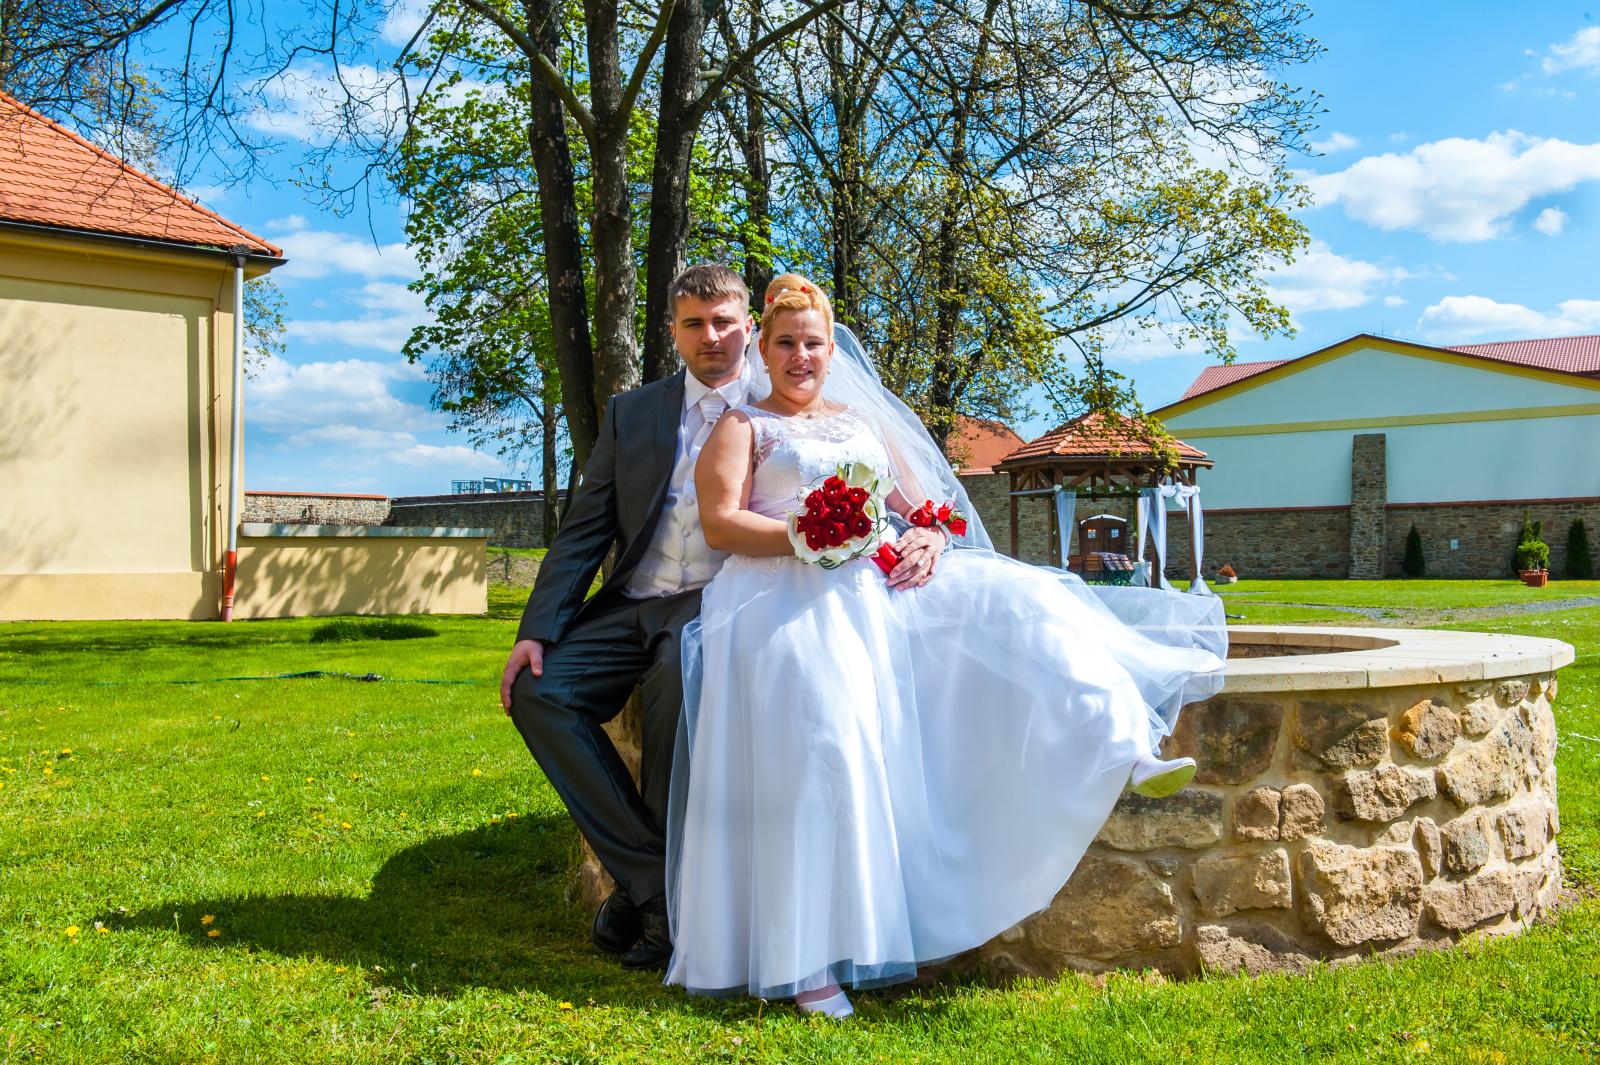 Fotokoutek nesmí na moderní svatbě chybět